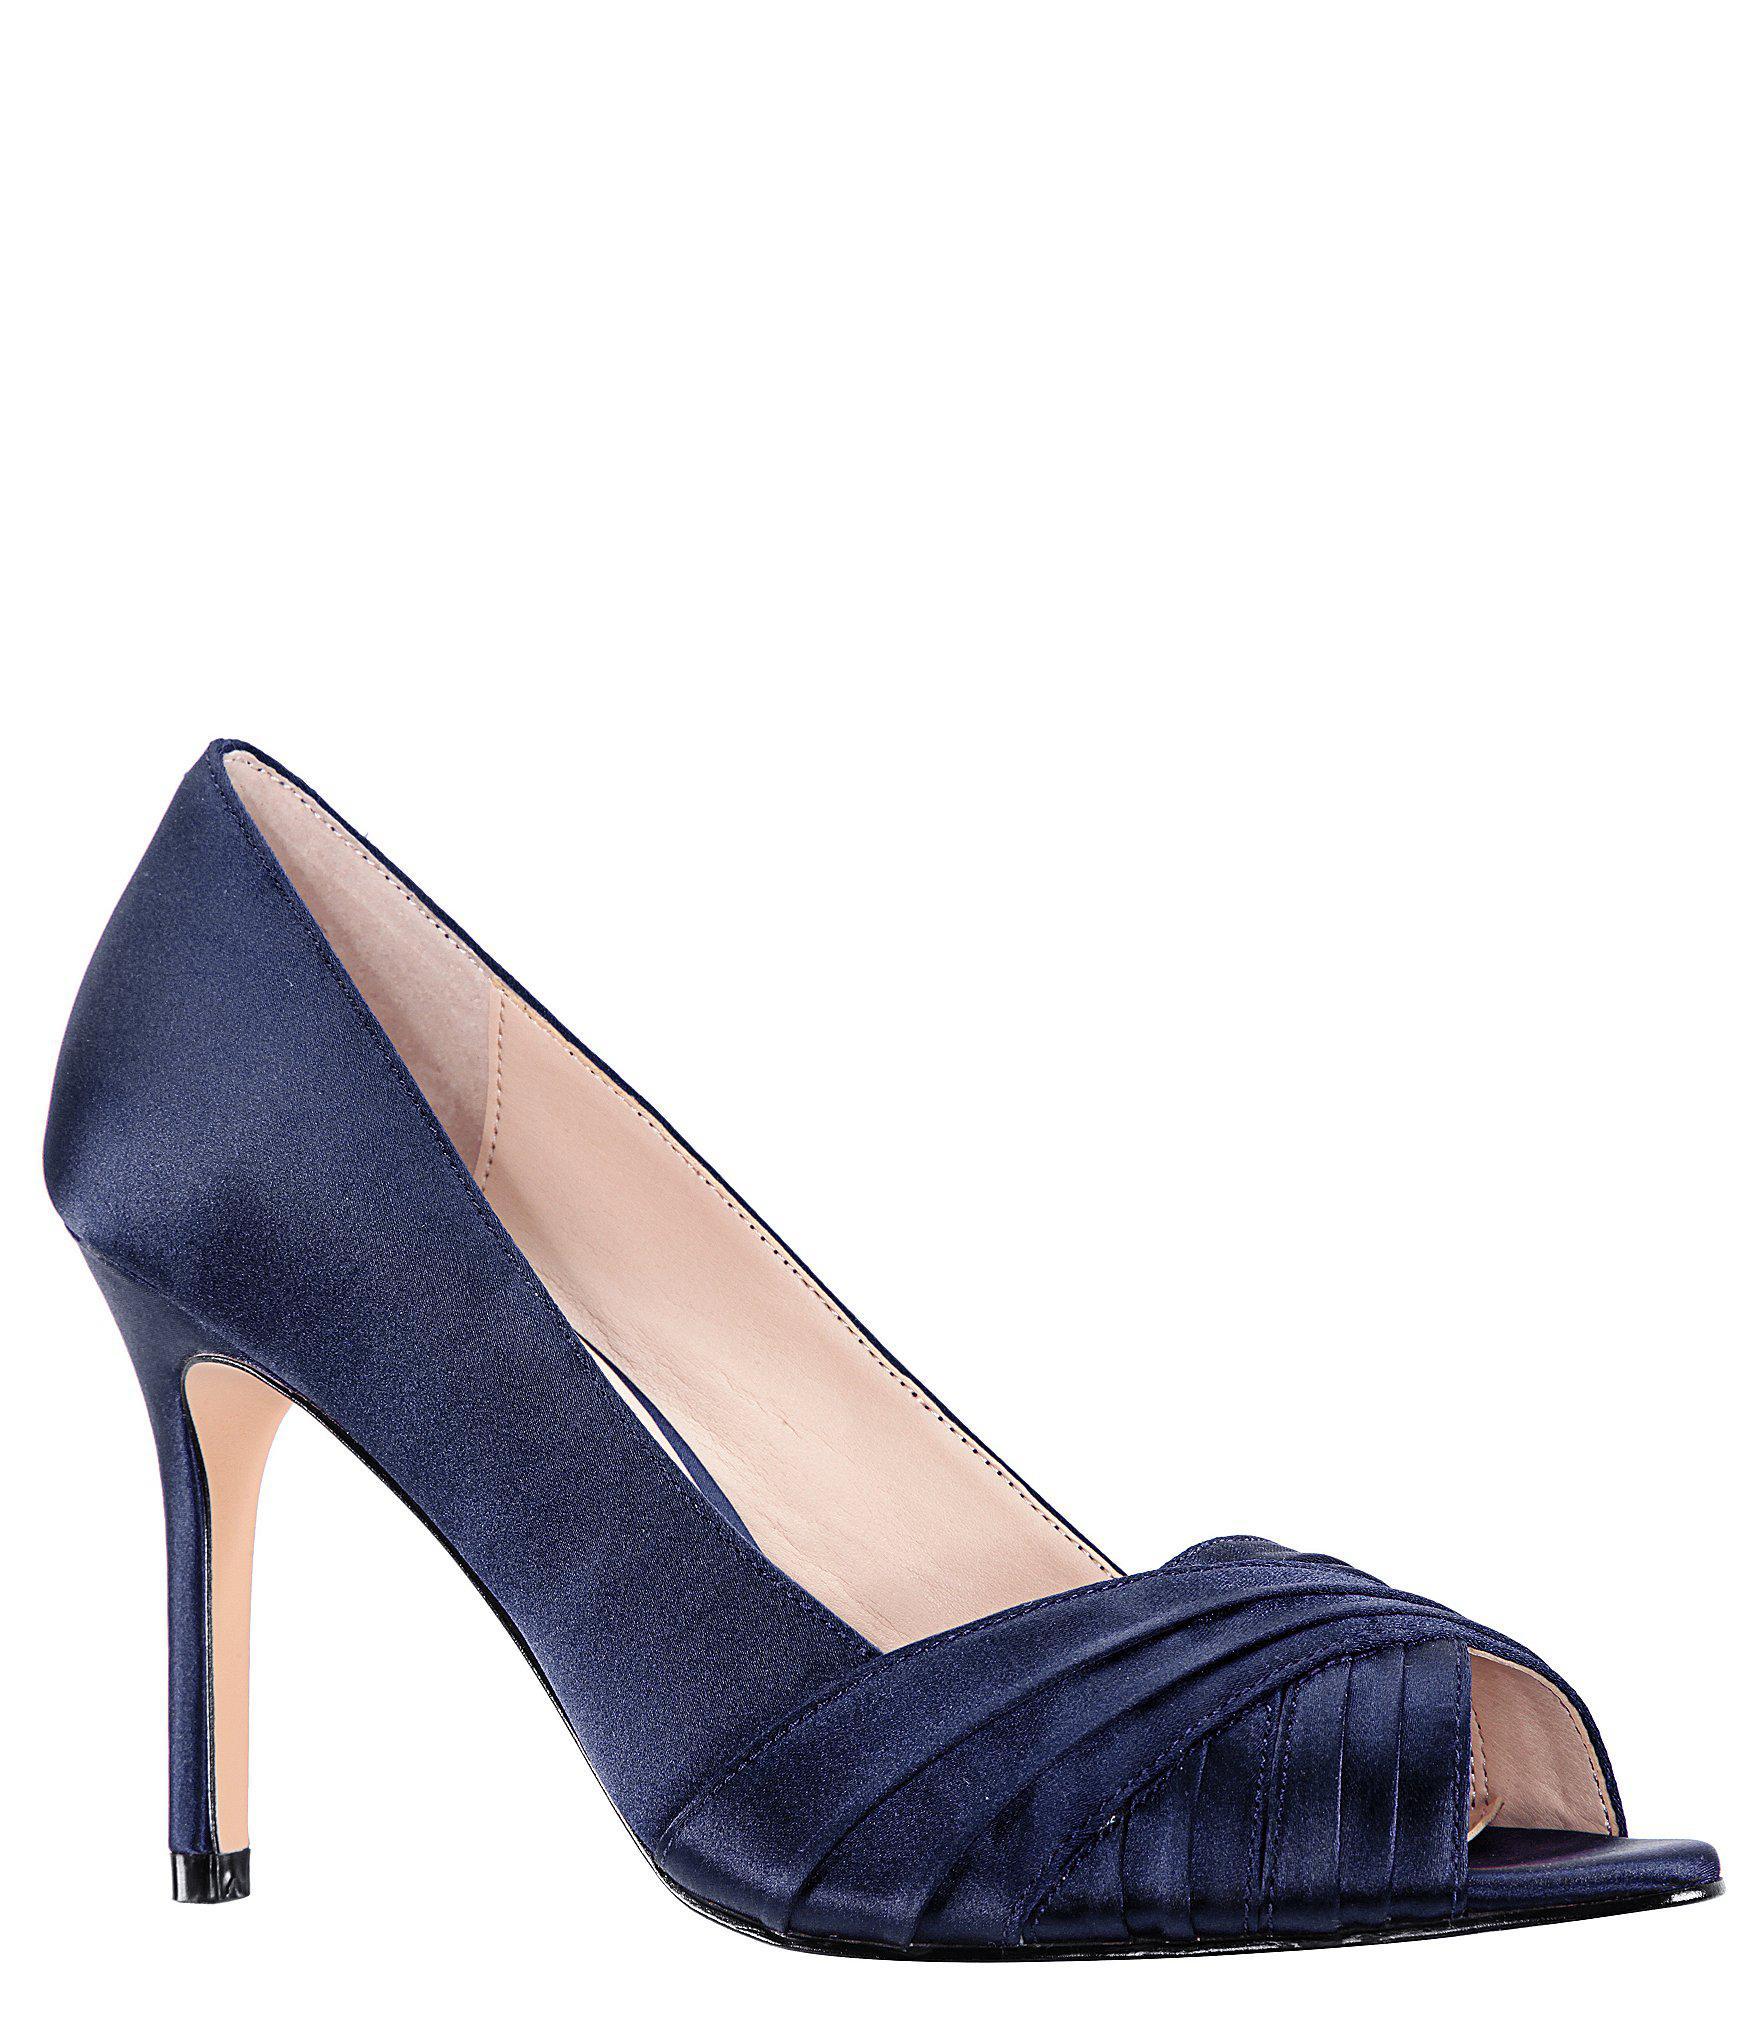 6e977398add7 Nina Chezare Satin Peep Toe Pumps in Blue - Lyst